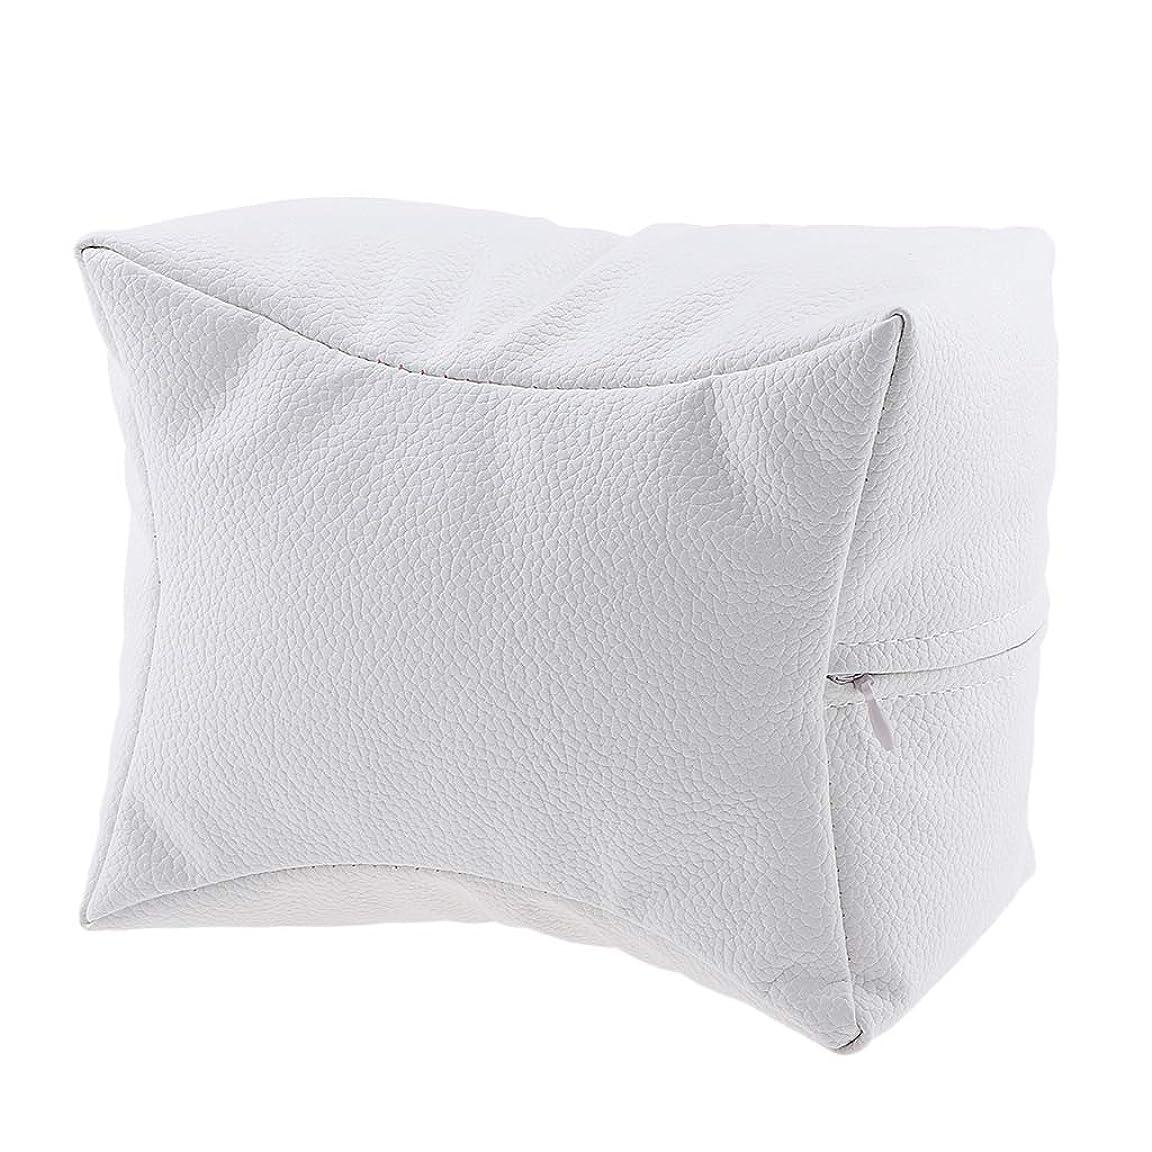 教会安息操縦するP Prettyia ネイルハンドピロー プロ ネイルサロン 手枕 レストピロー ネイルケア 4色選べ - 白